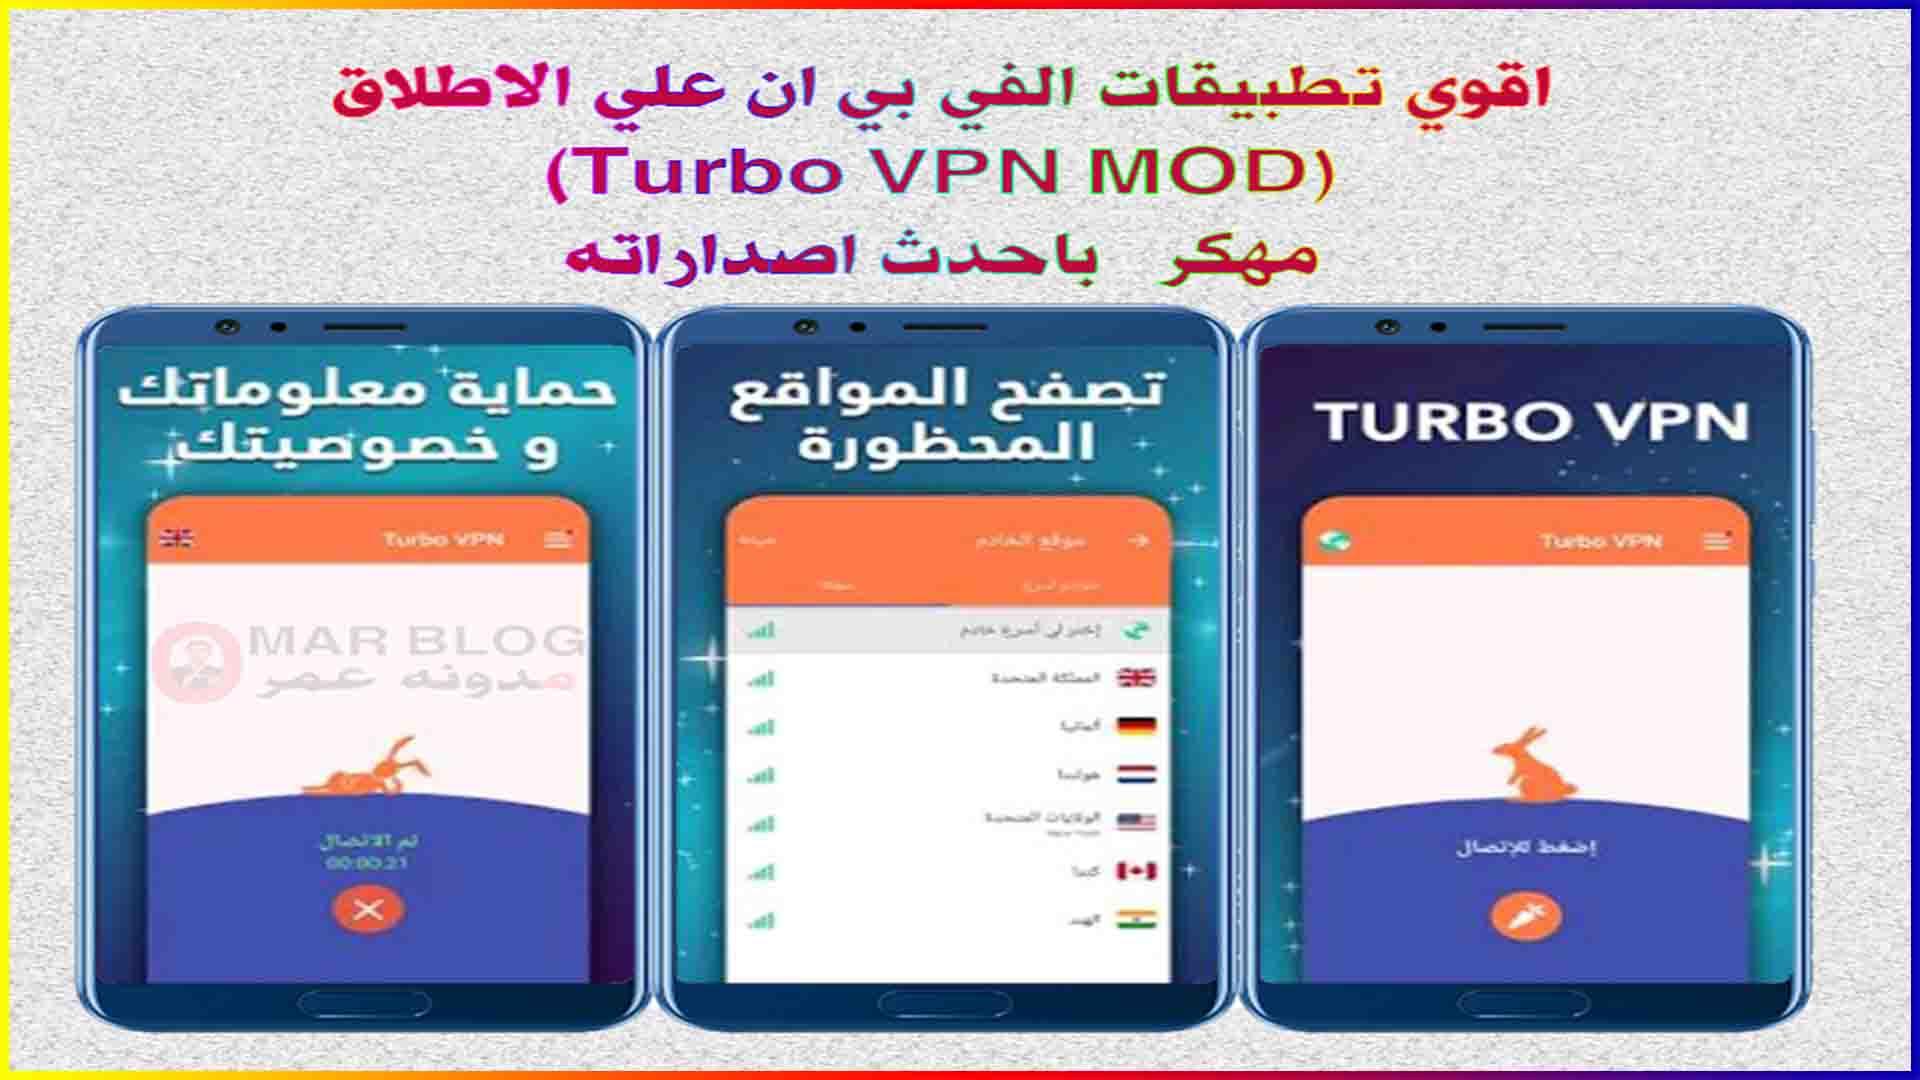 تحميل افضل تطبيقات VPN مهكرة للاندرويد 2021 (Turbo VPN MOD)